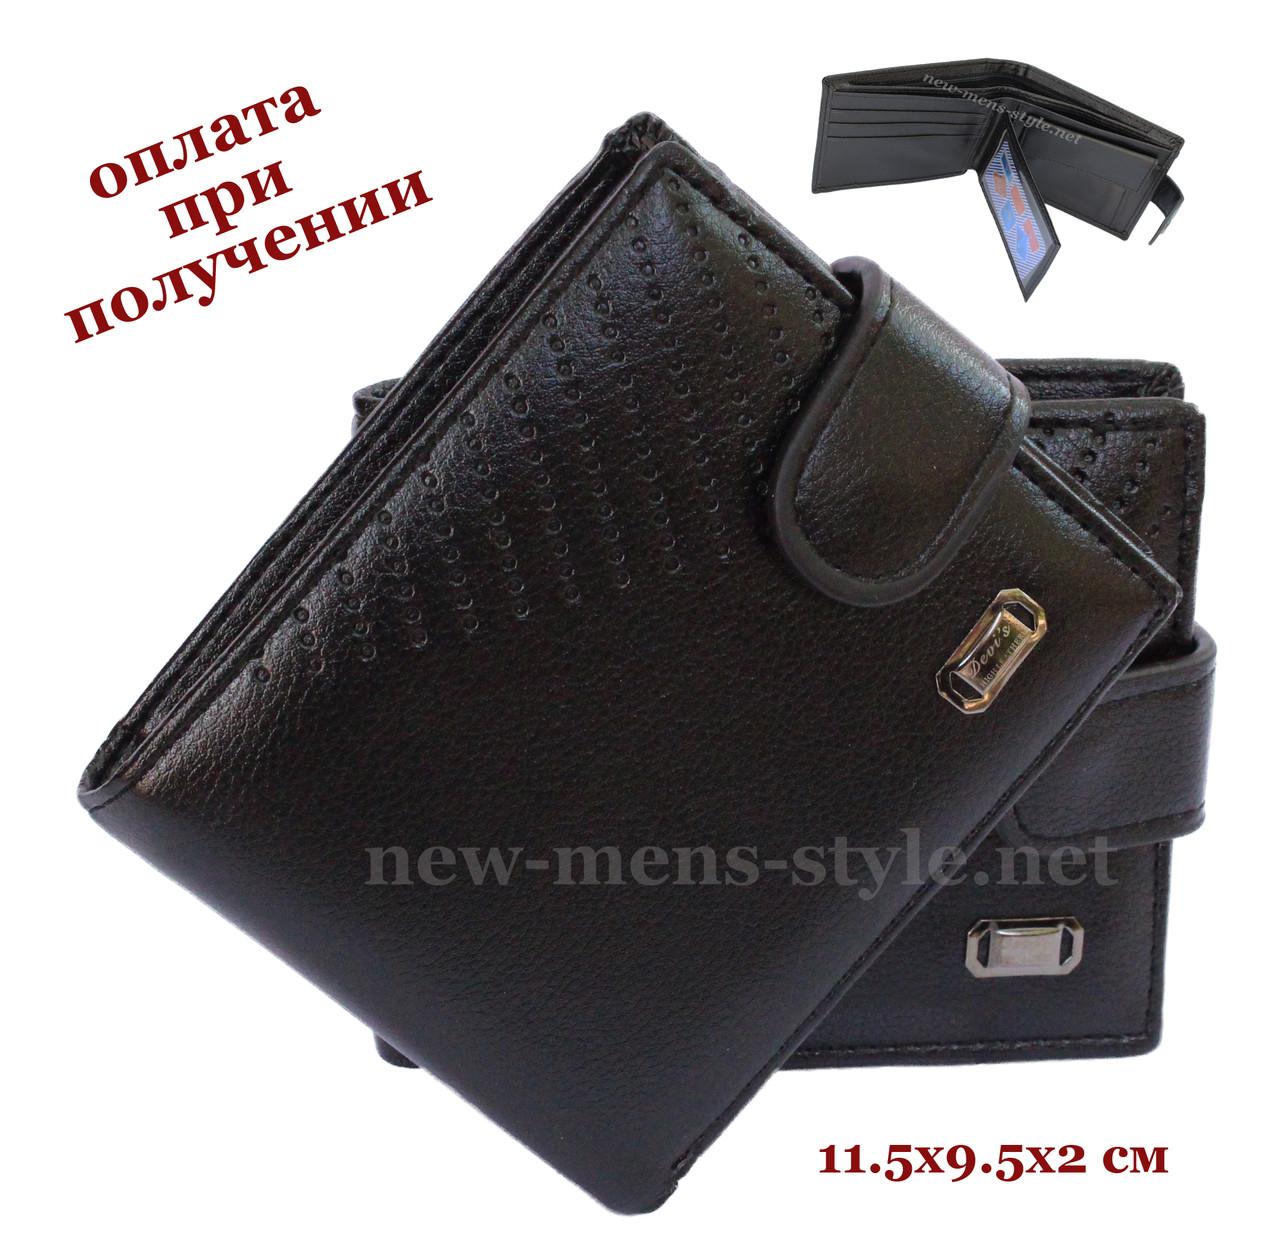 Чоловічий чоловічий шкіряний шкіряний гаманець портмоне гаманець Devis NEW